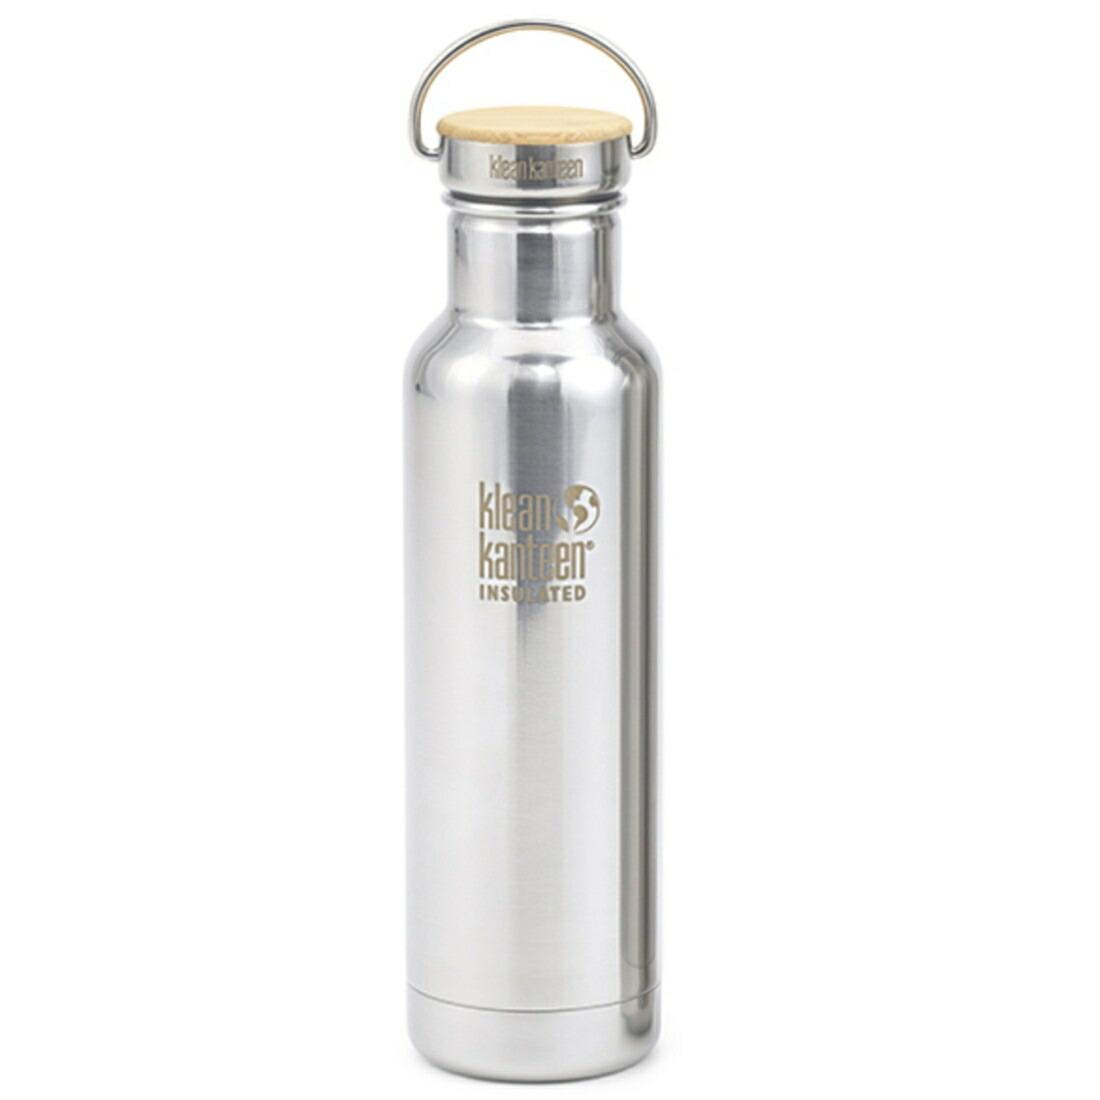 クリーンカンティーン インスレート リフレクトボトル 20 ミラー 保冷保温ボトル水筒 マグボトル  国内正規品